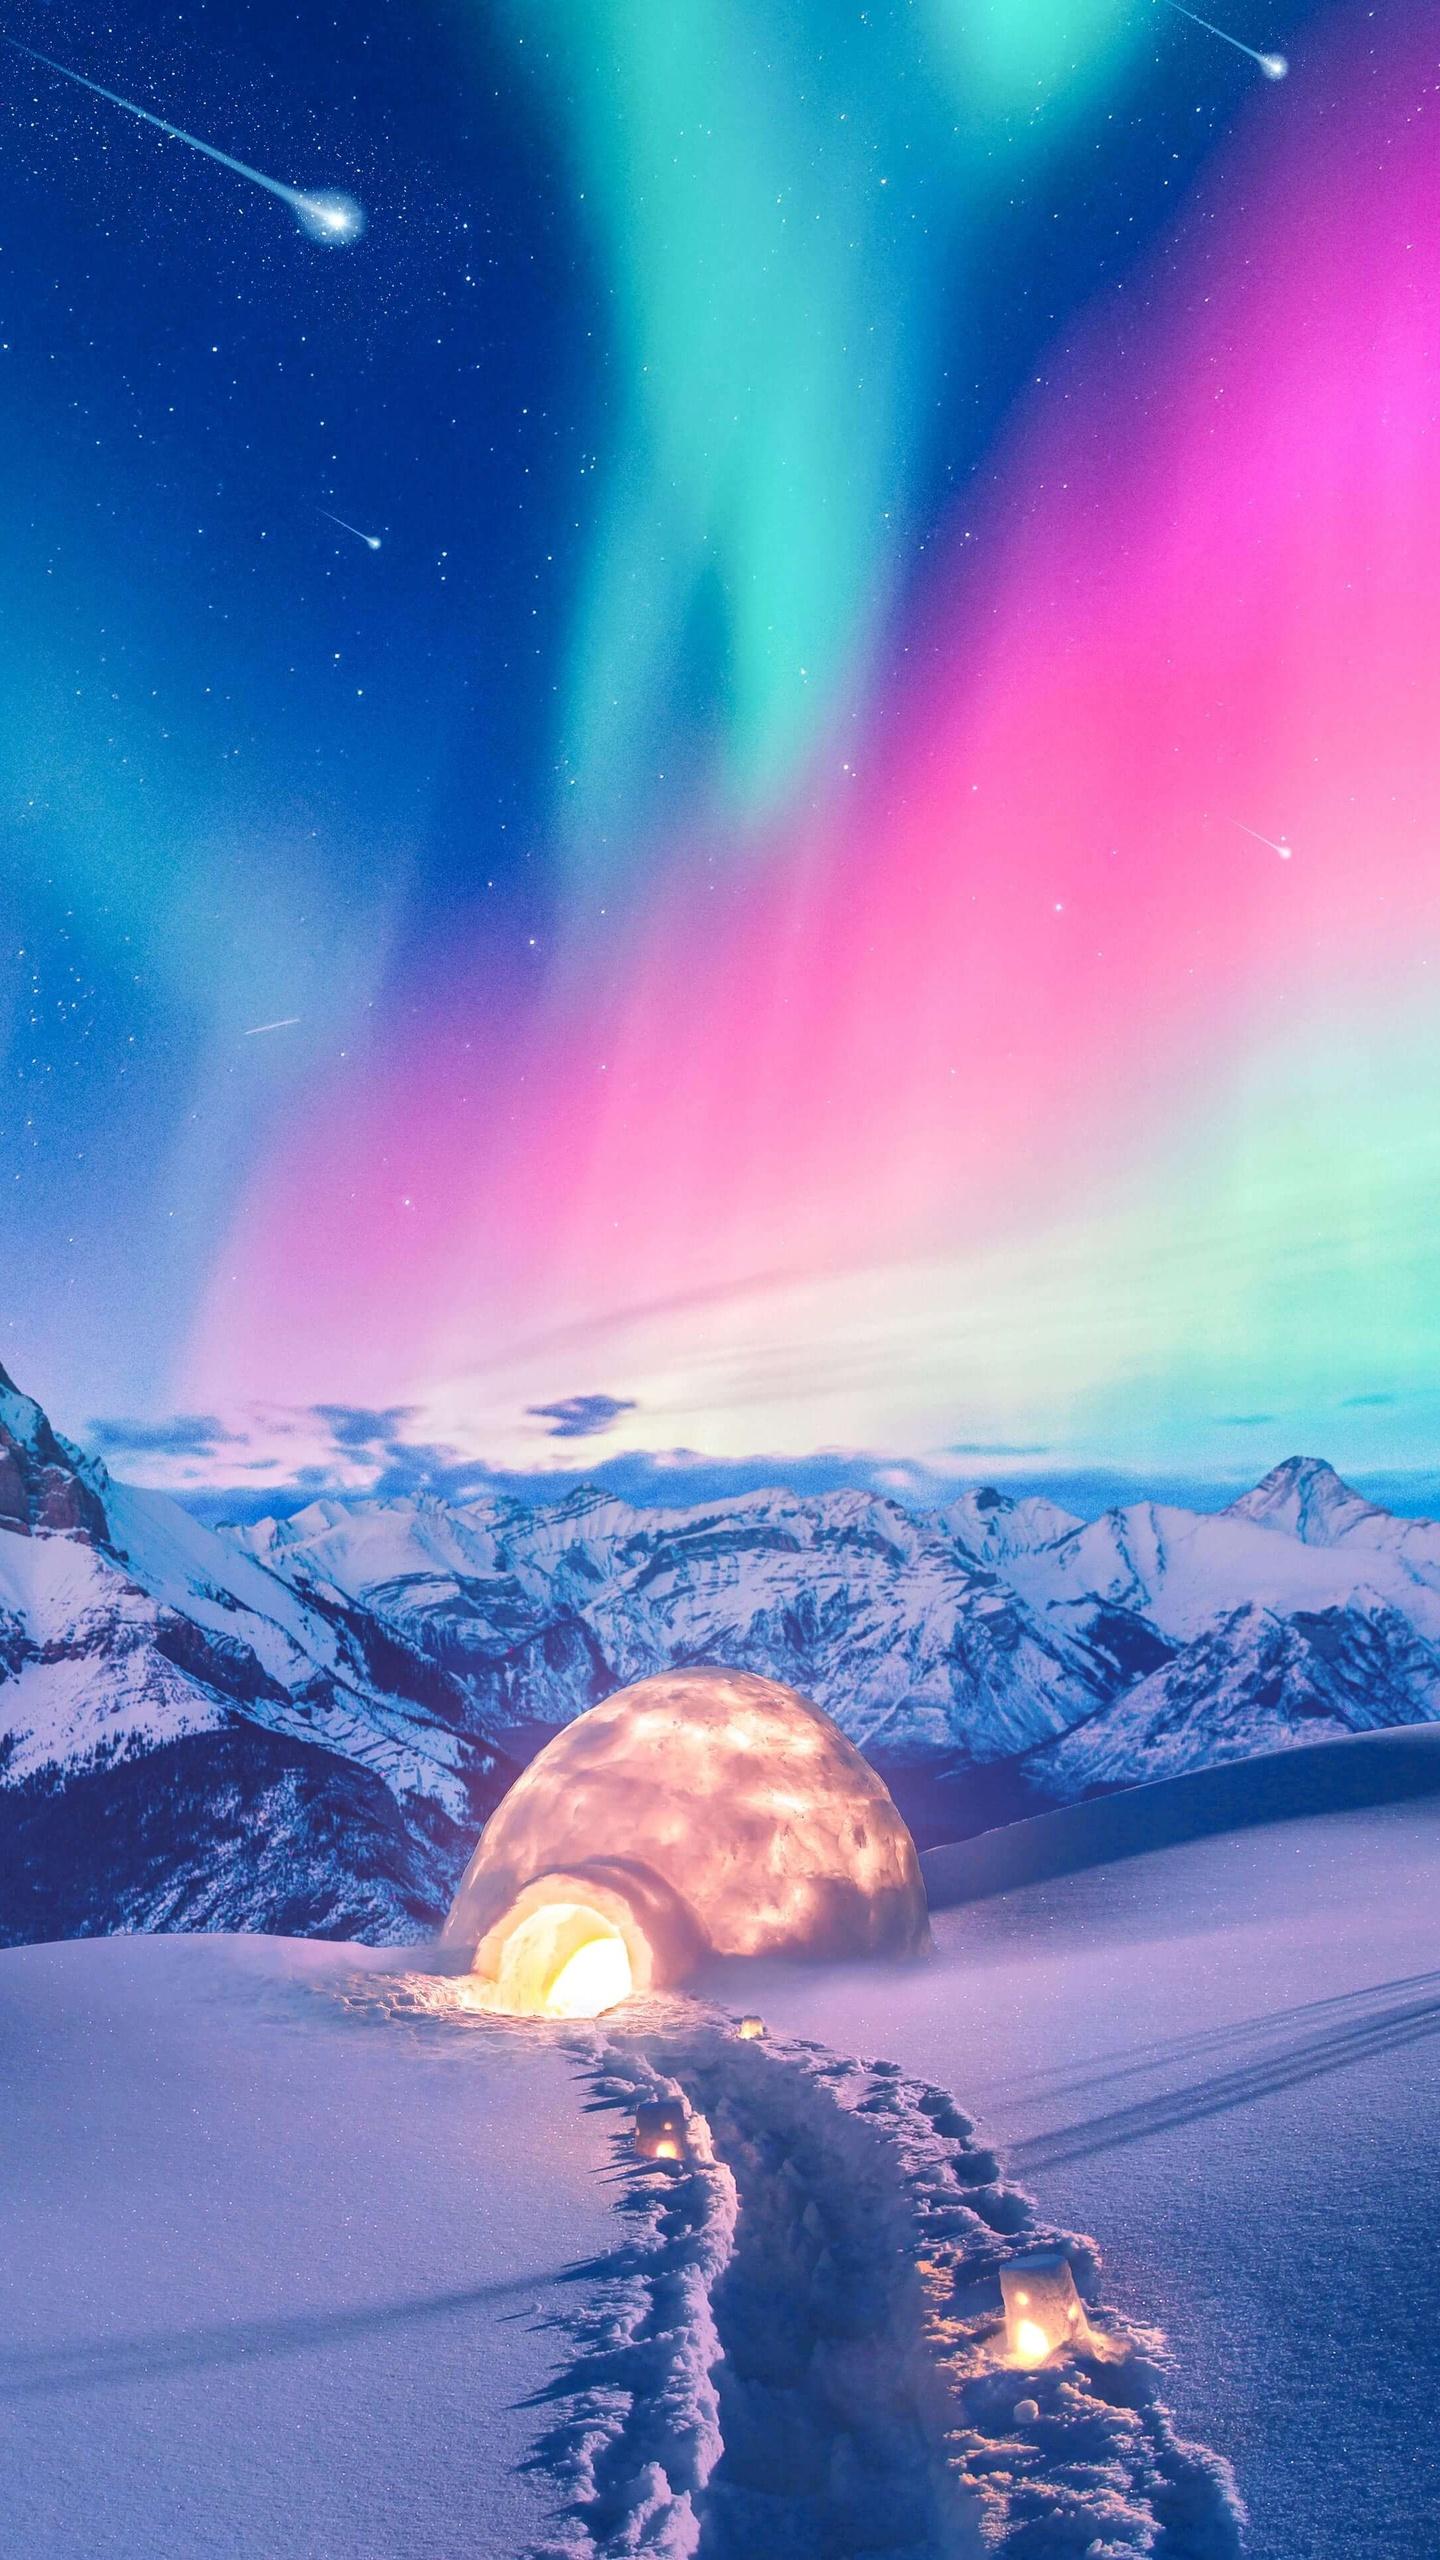 snow-winter-iceland-aurora-northern-lights-6p.jpg